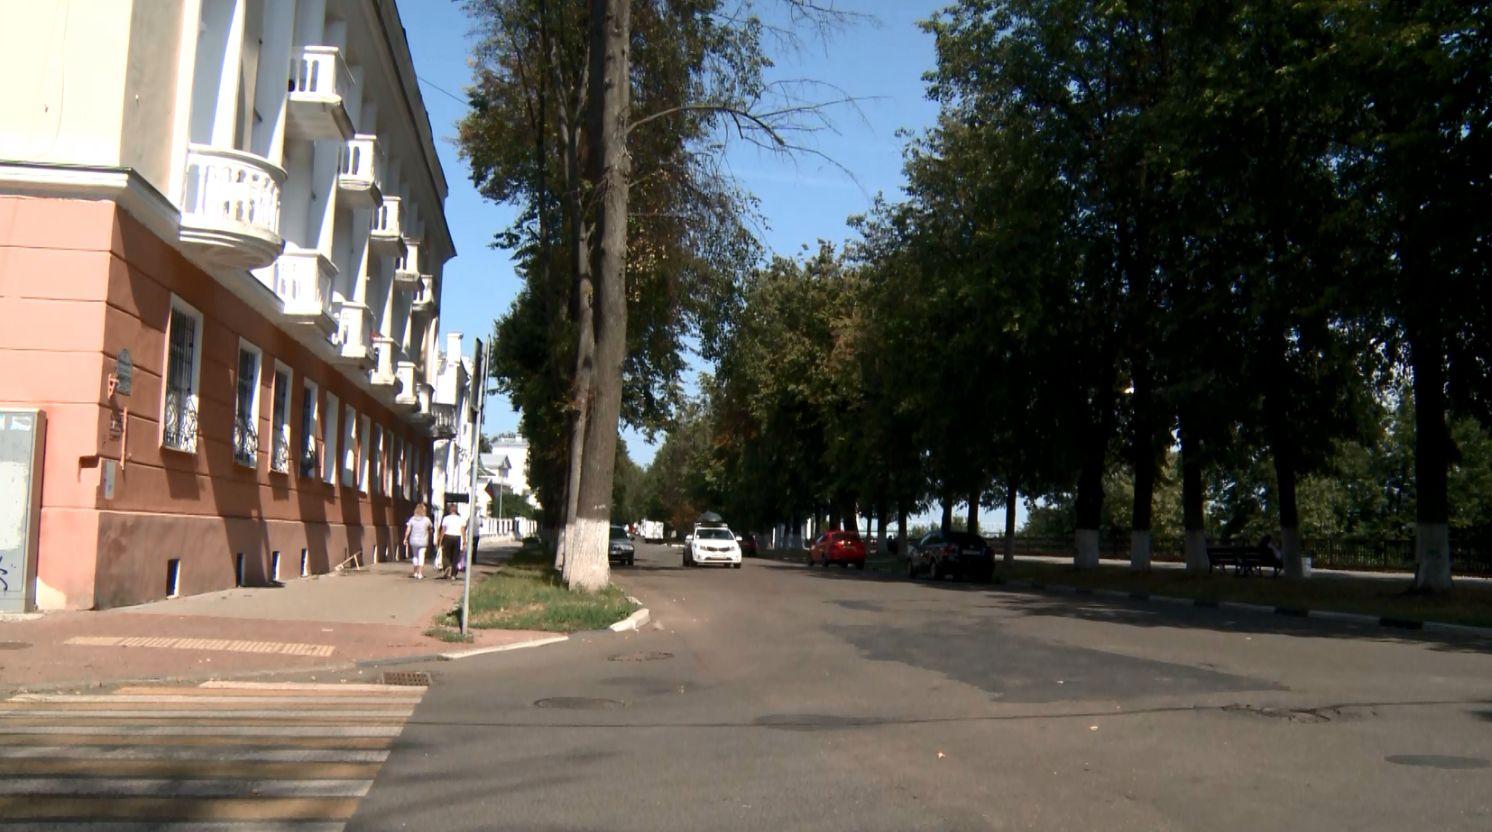 Планируйте своё время: в центре Ярославля вновь частично перекроют движение